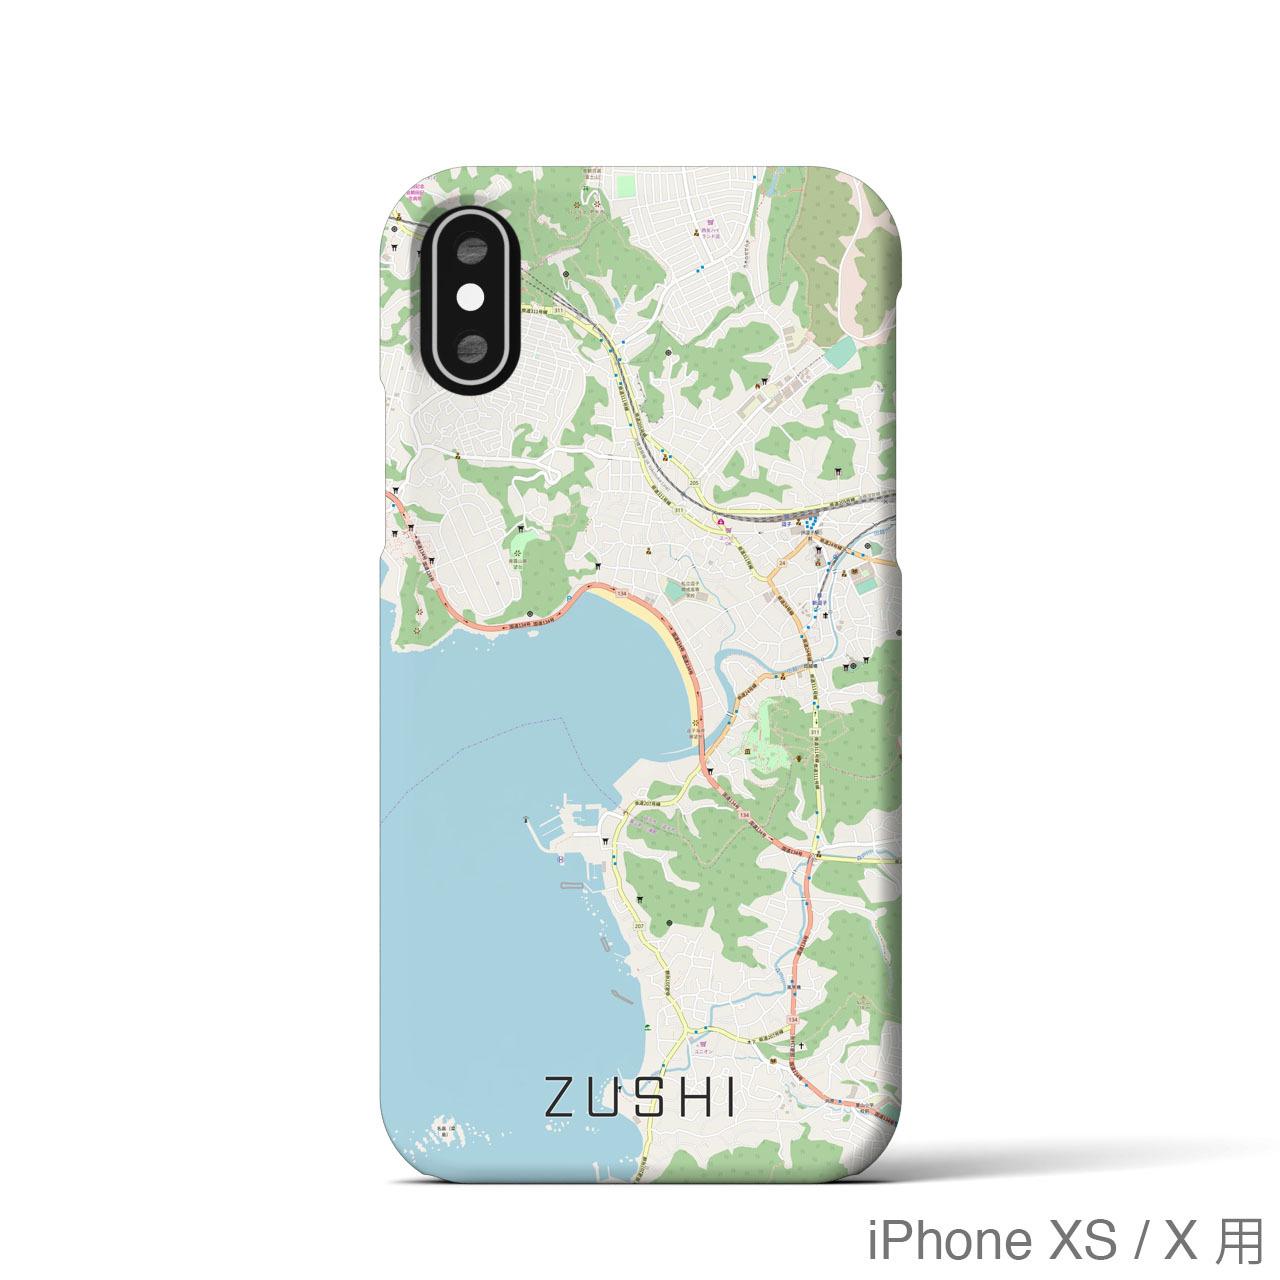 【逗子】地図柄iPhoneケース(バックカバータイプ・ナチュラル)